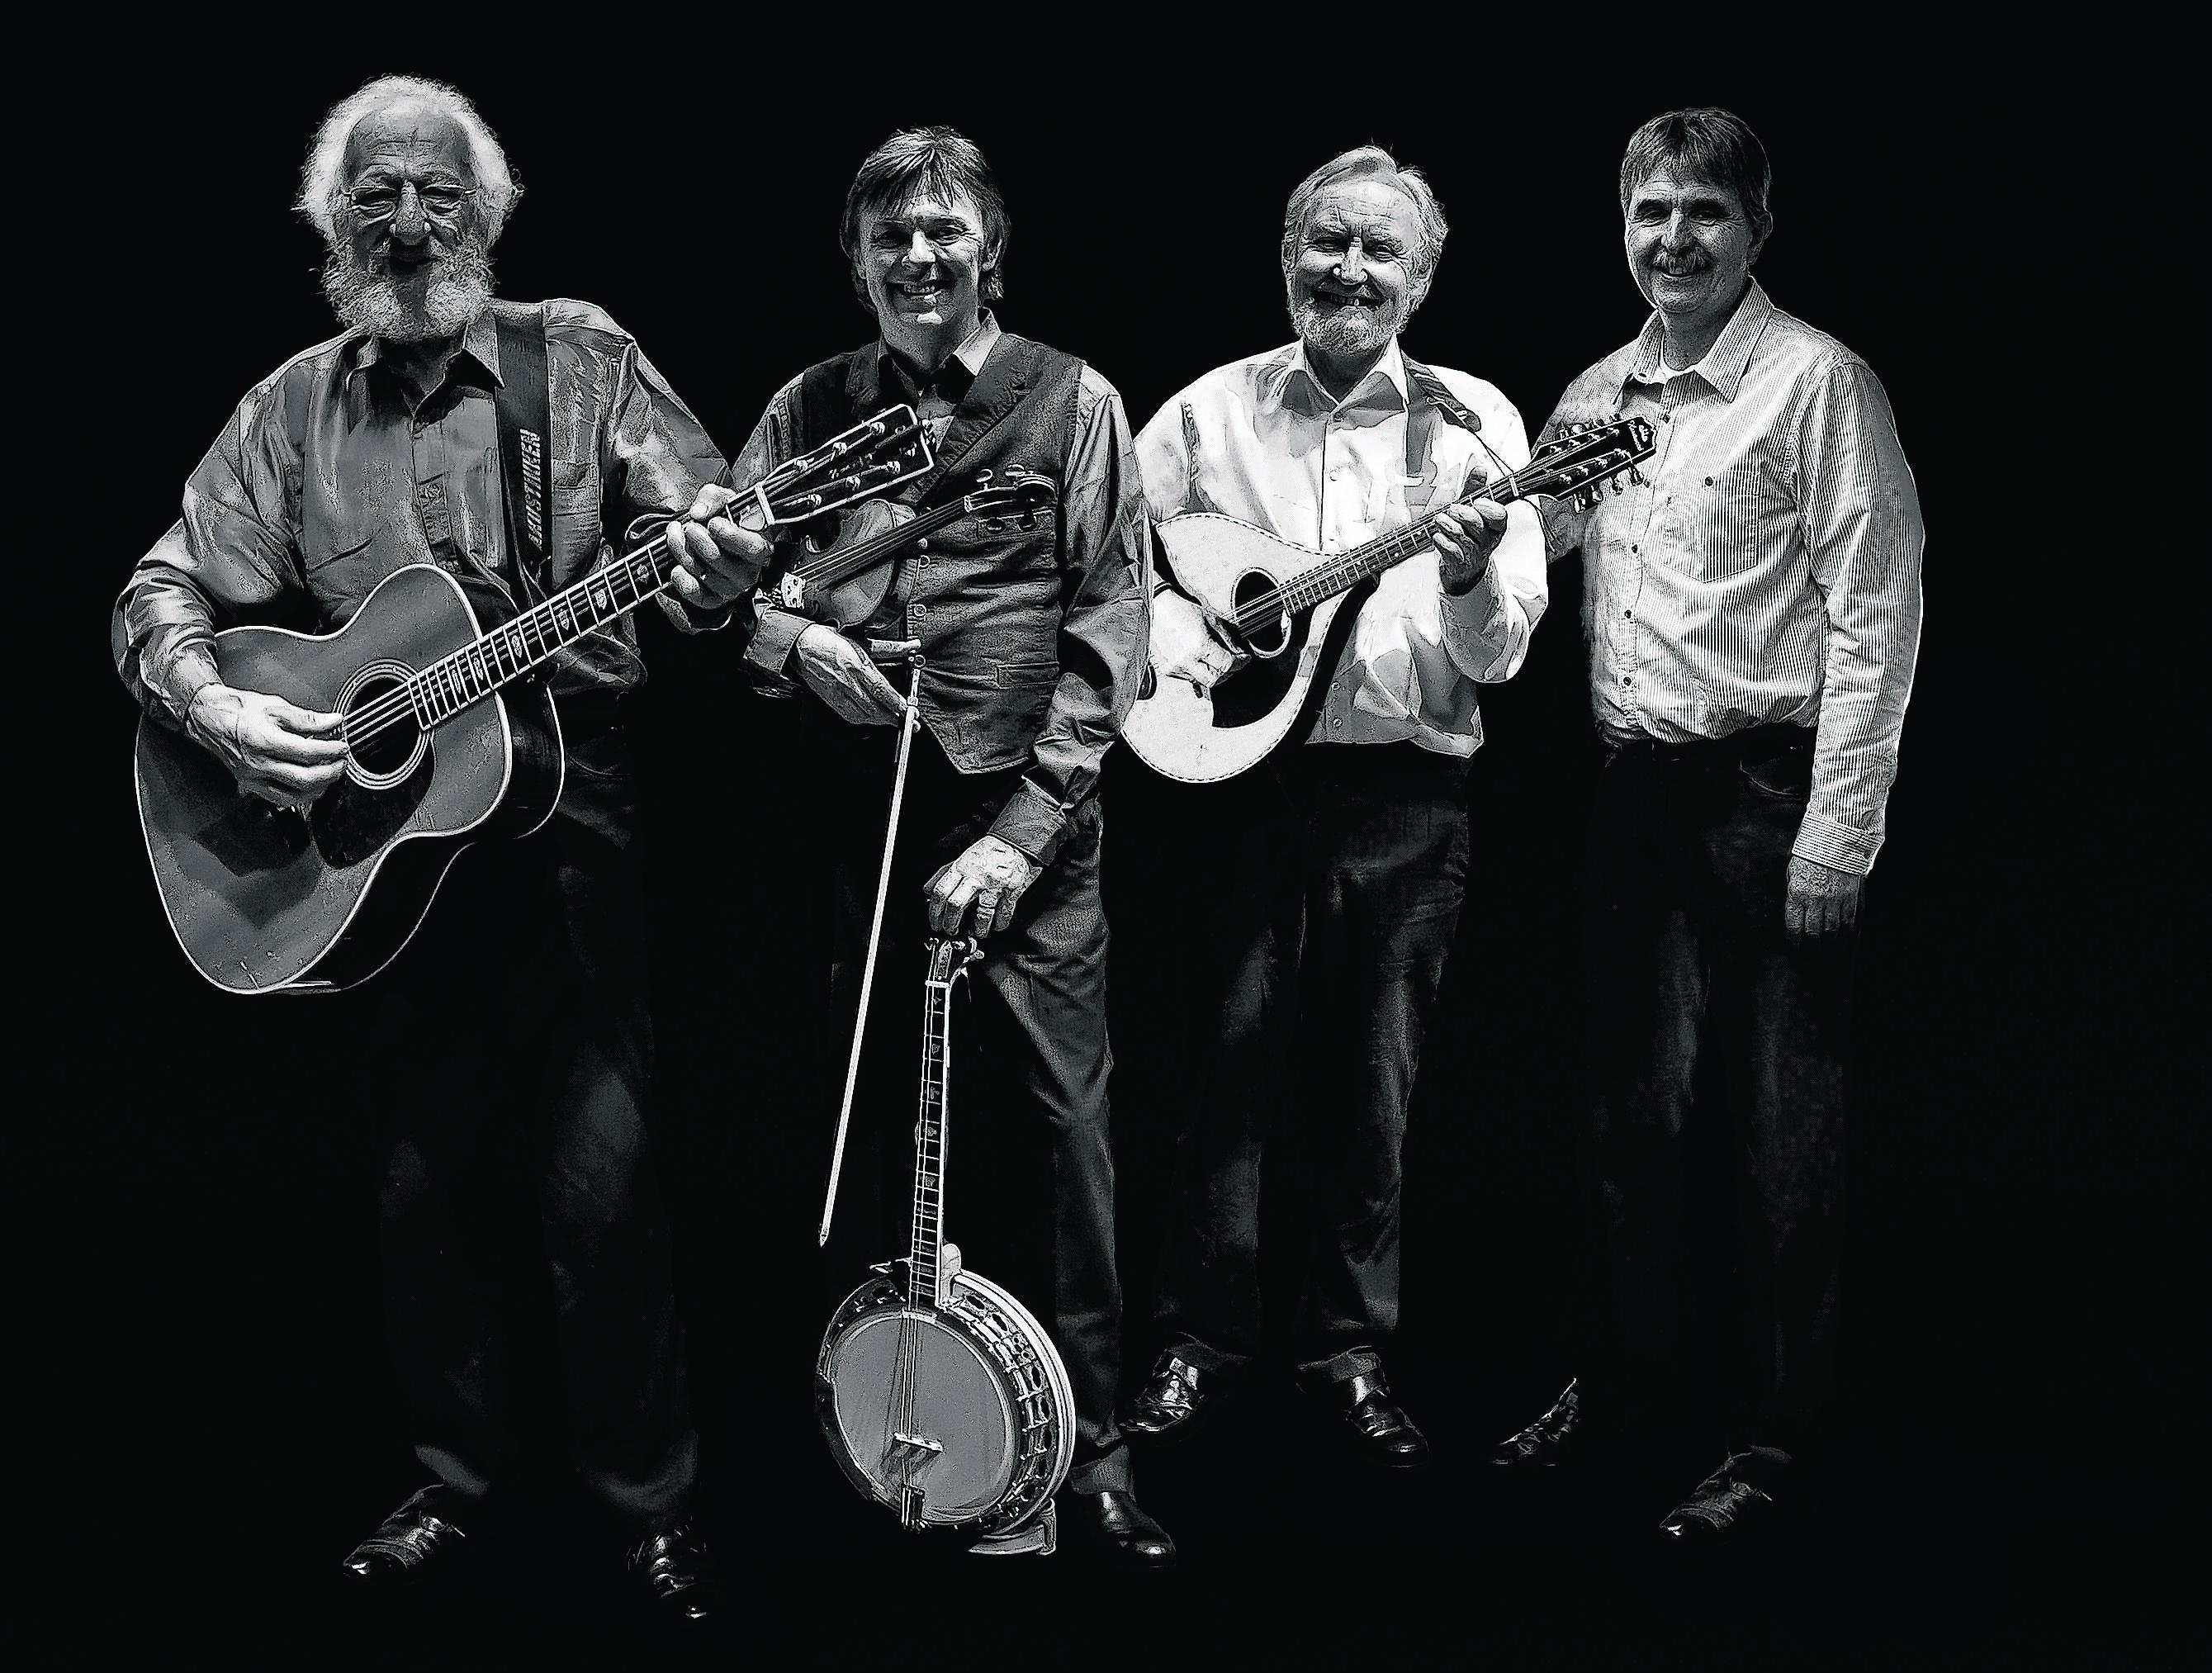 The Dublin Legends